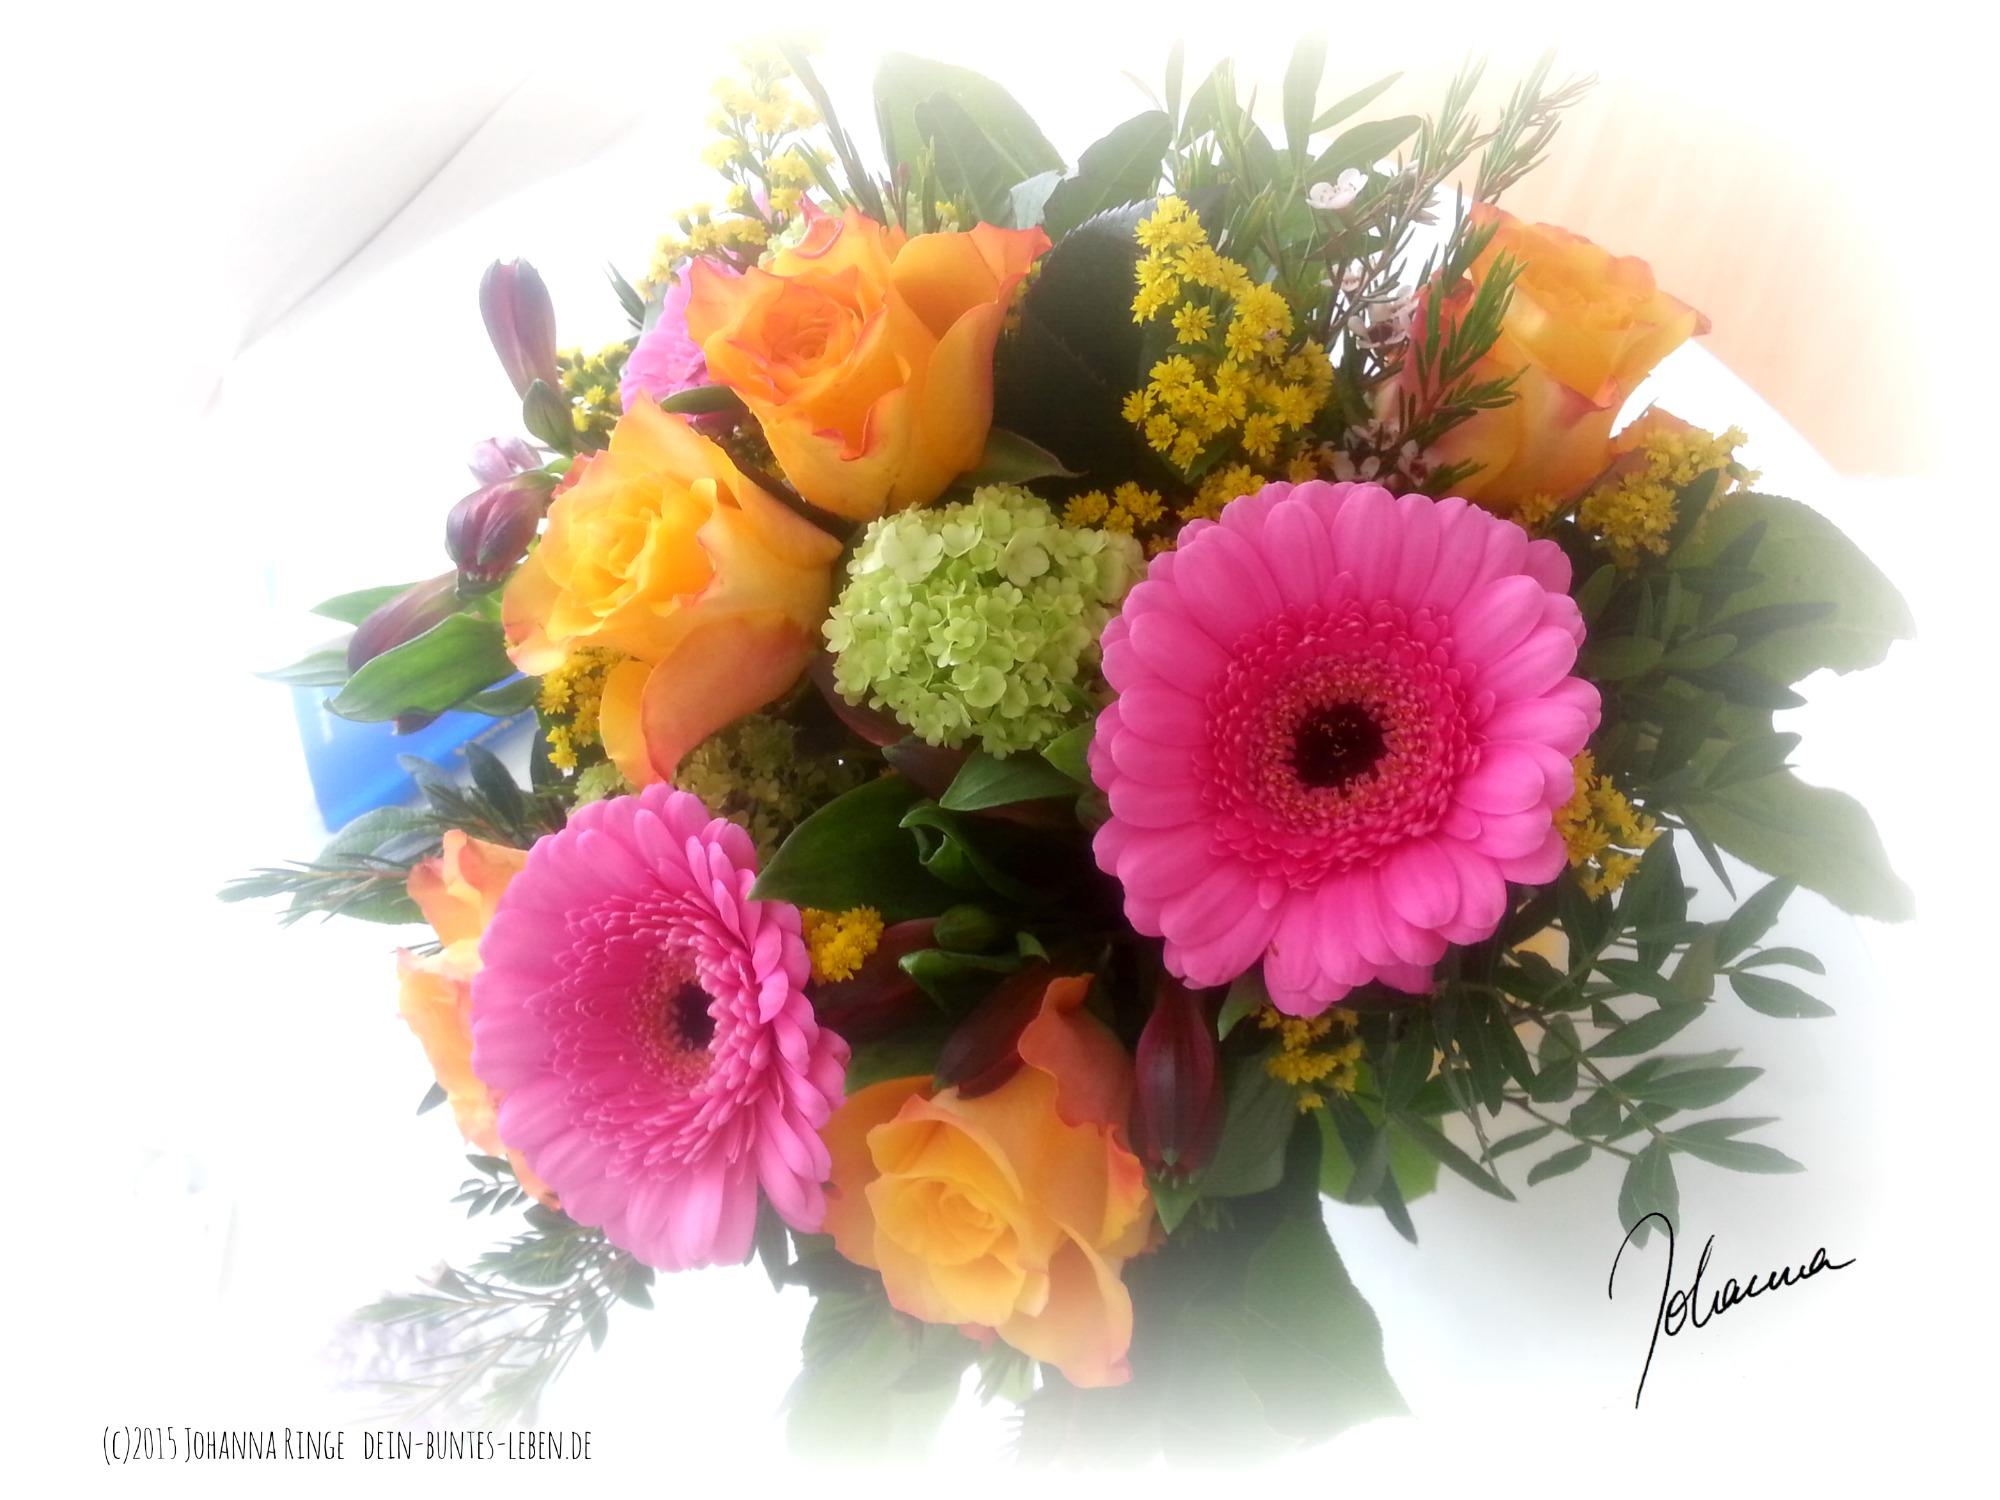 Blumenstrauß an Gaben (c) 2015 Johanna Ringe dein-buntes-leben.de